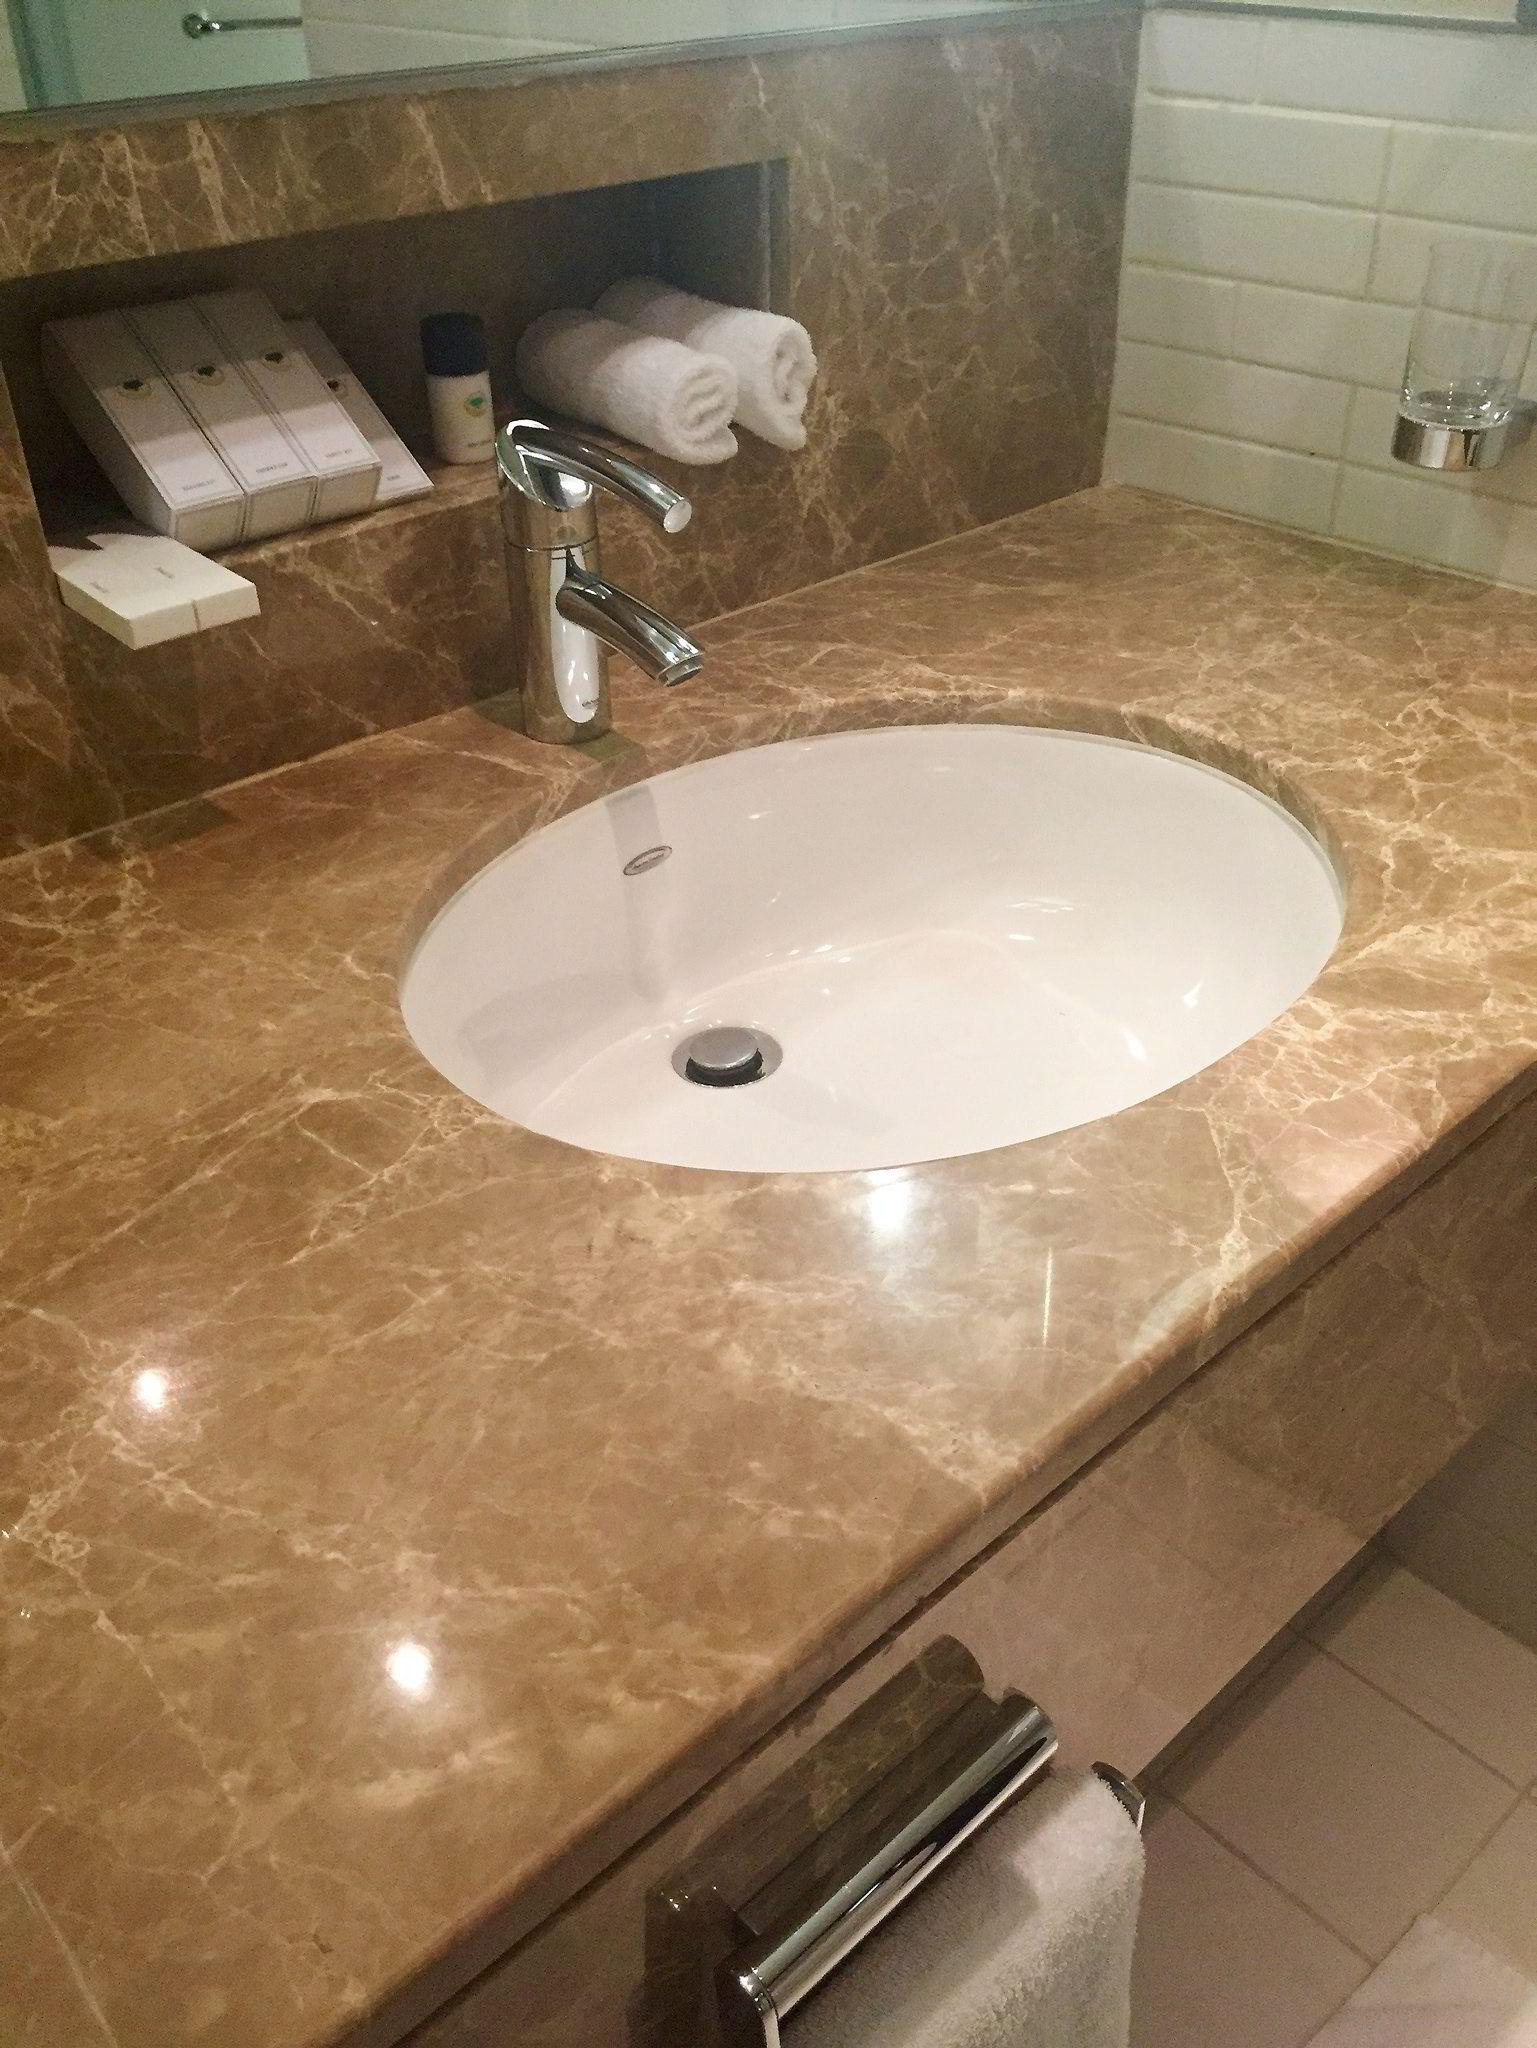 Vi fant knapt et støvkorn på hotellrommet. Alle blanke flater var skinnende rene og badet var godt rengjort.